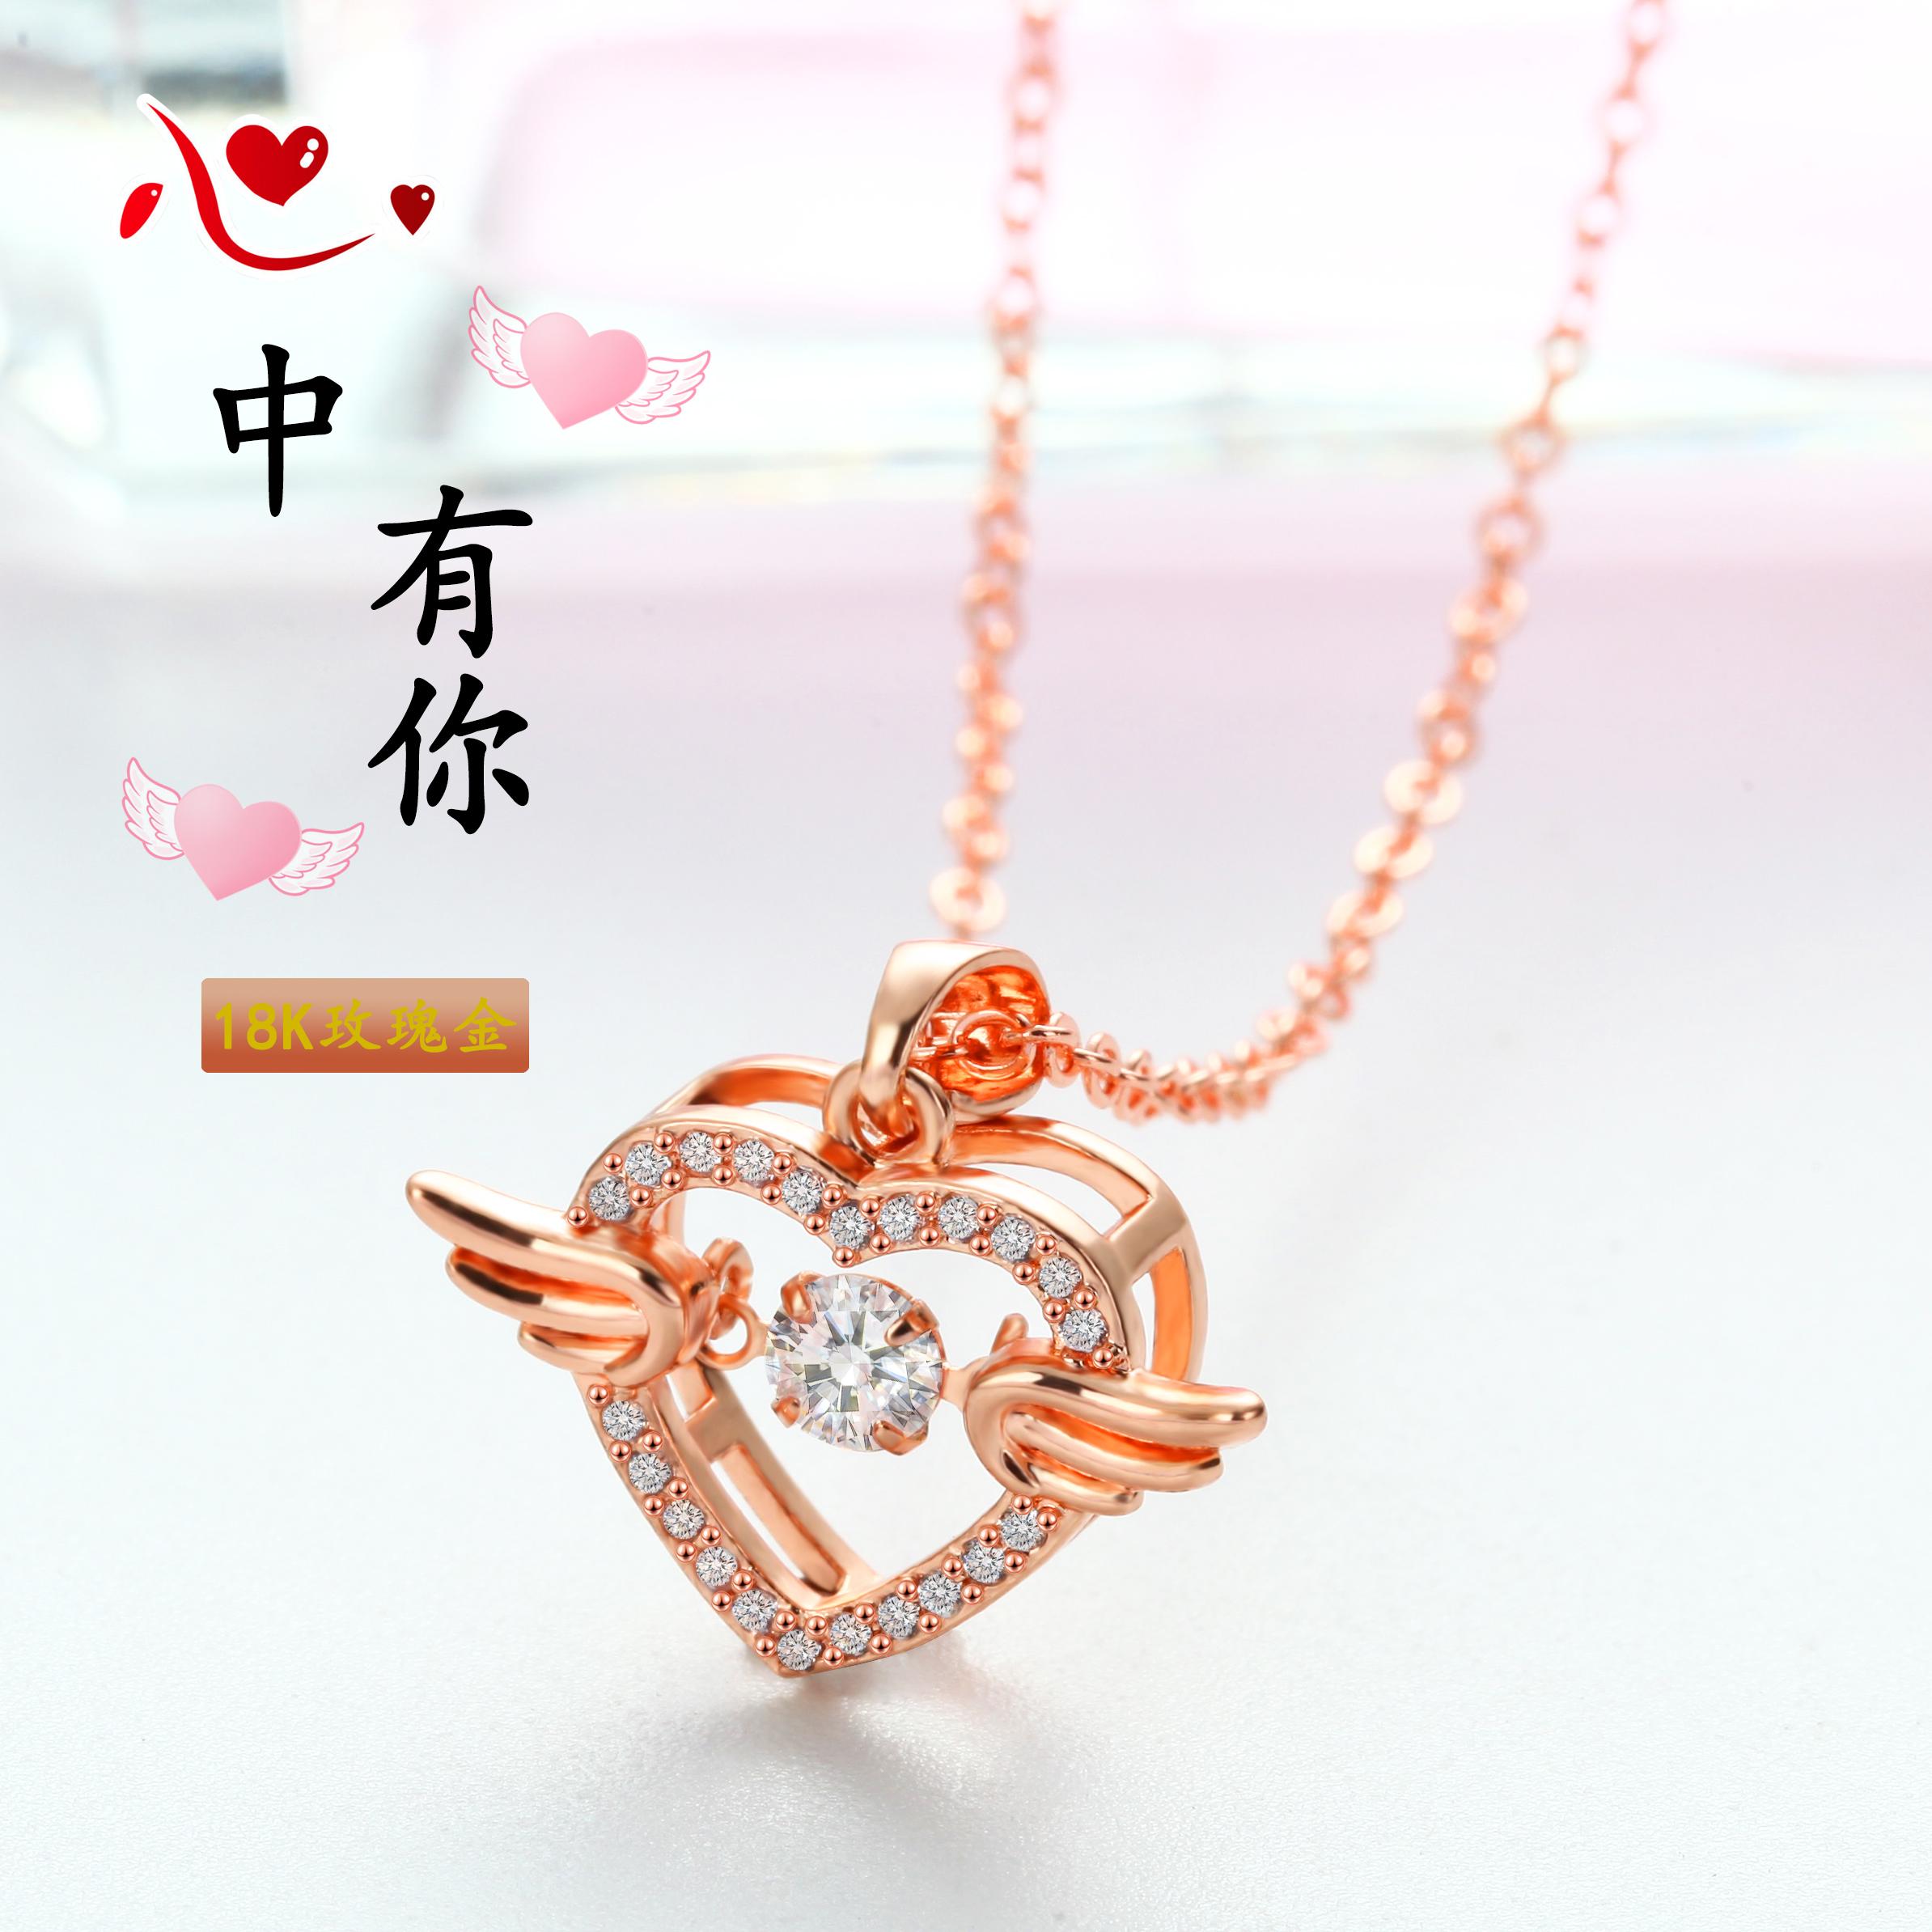 爱心天使之翼灵动项链女锁骨链翅膀跳动的心锆石小众设计超闪颈链